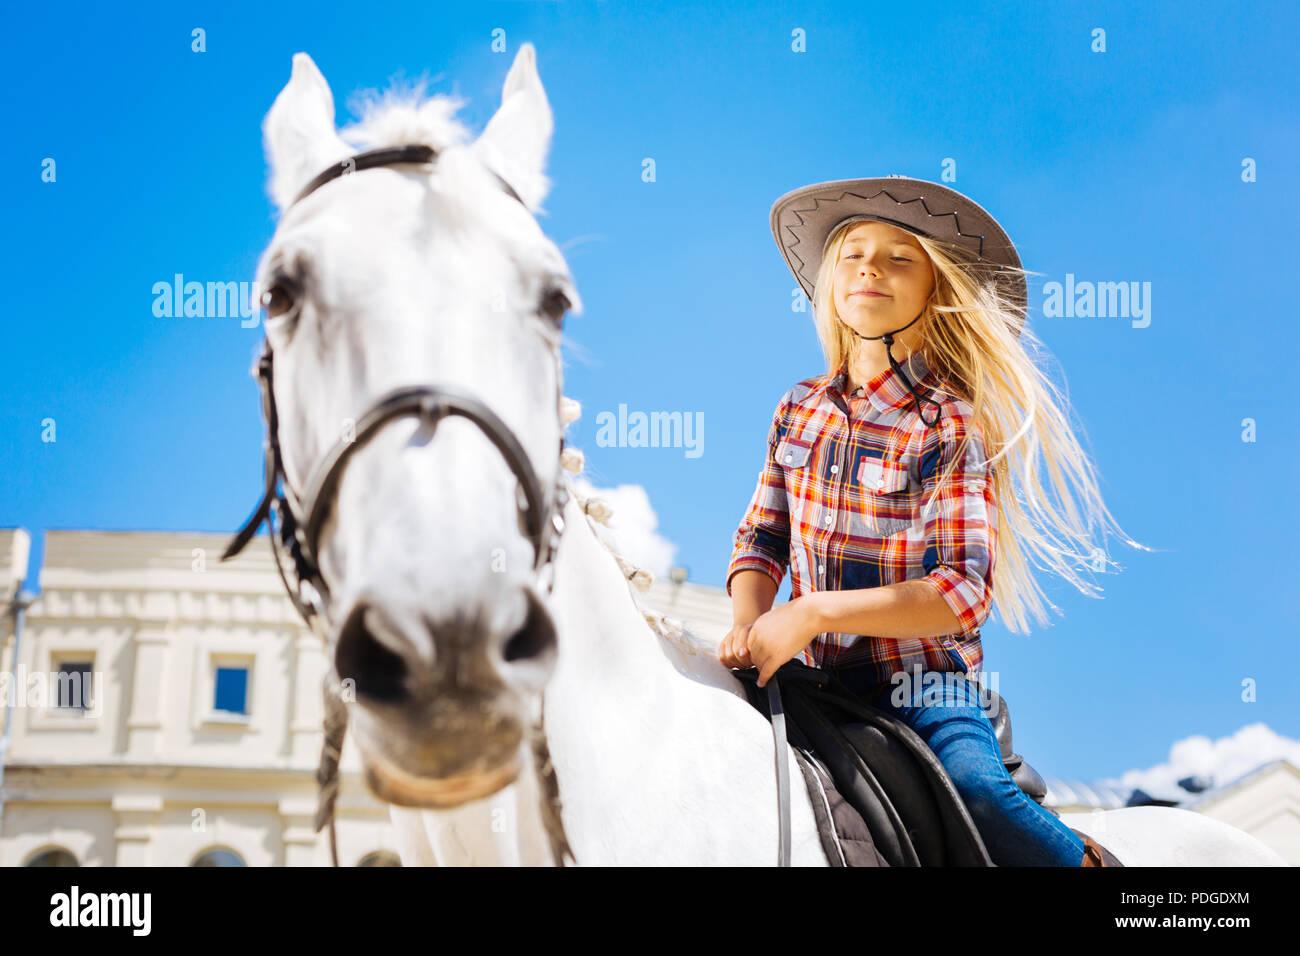 Mädchen mit langen blonden Haaren Gefühl schön beim Reiten Pferd Stockbild